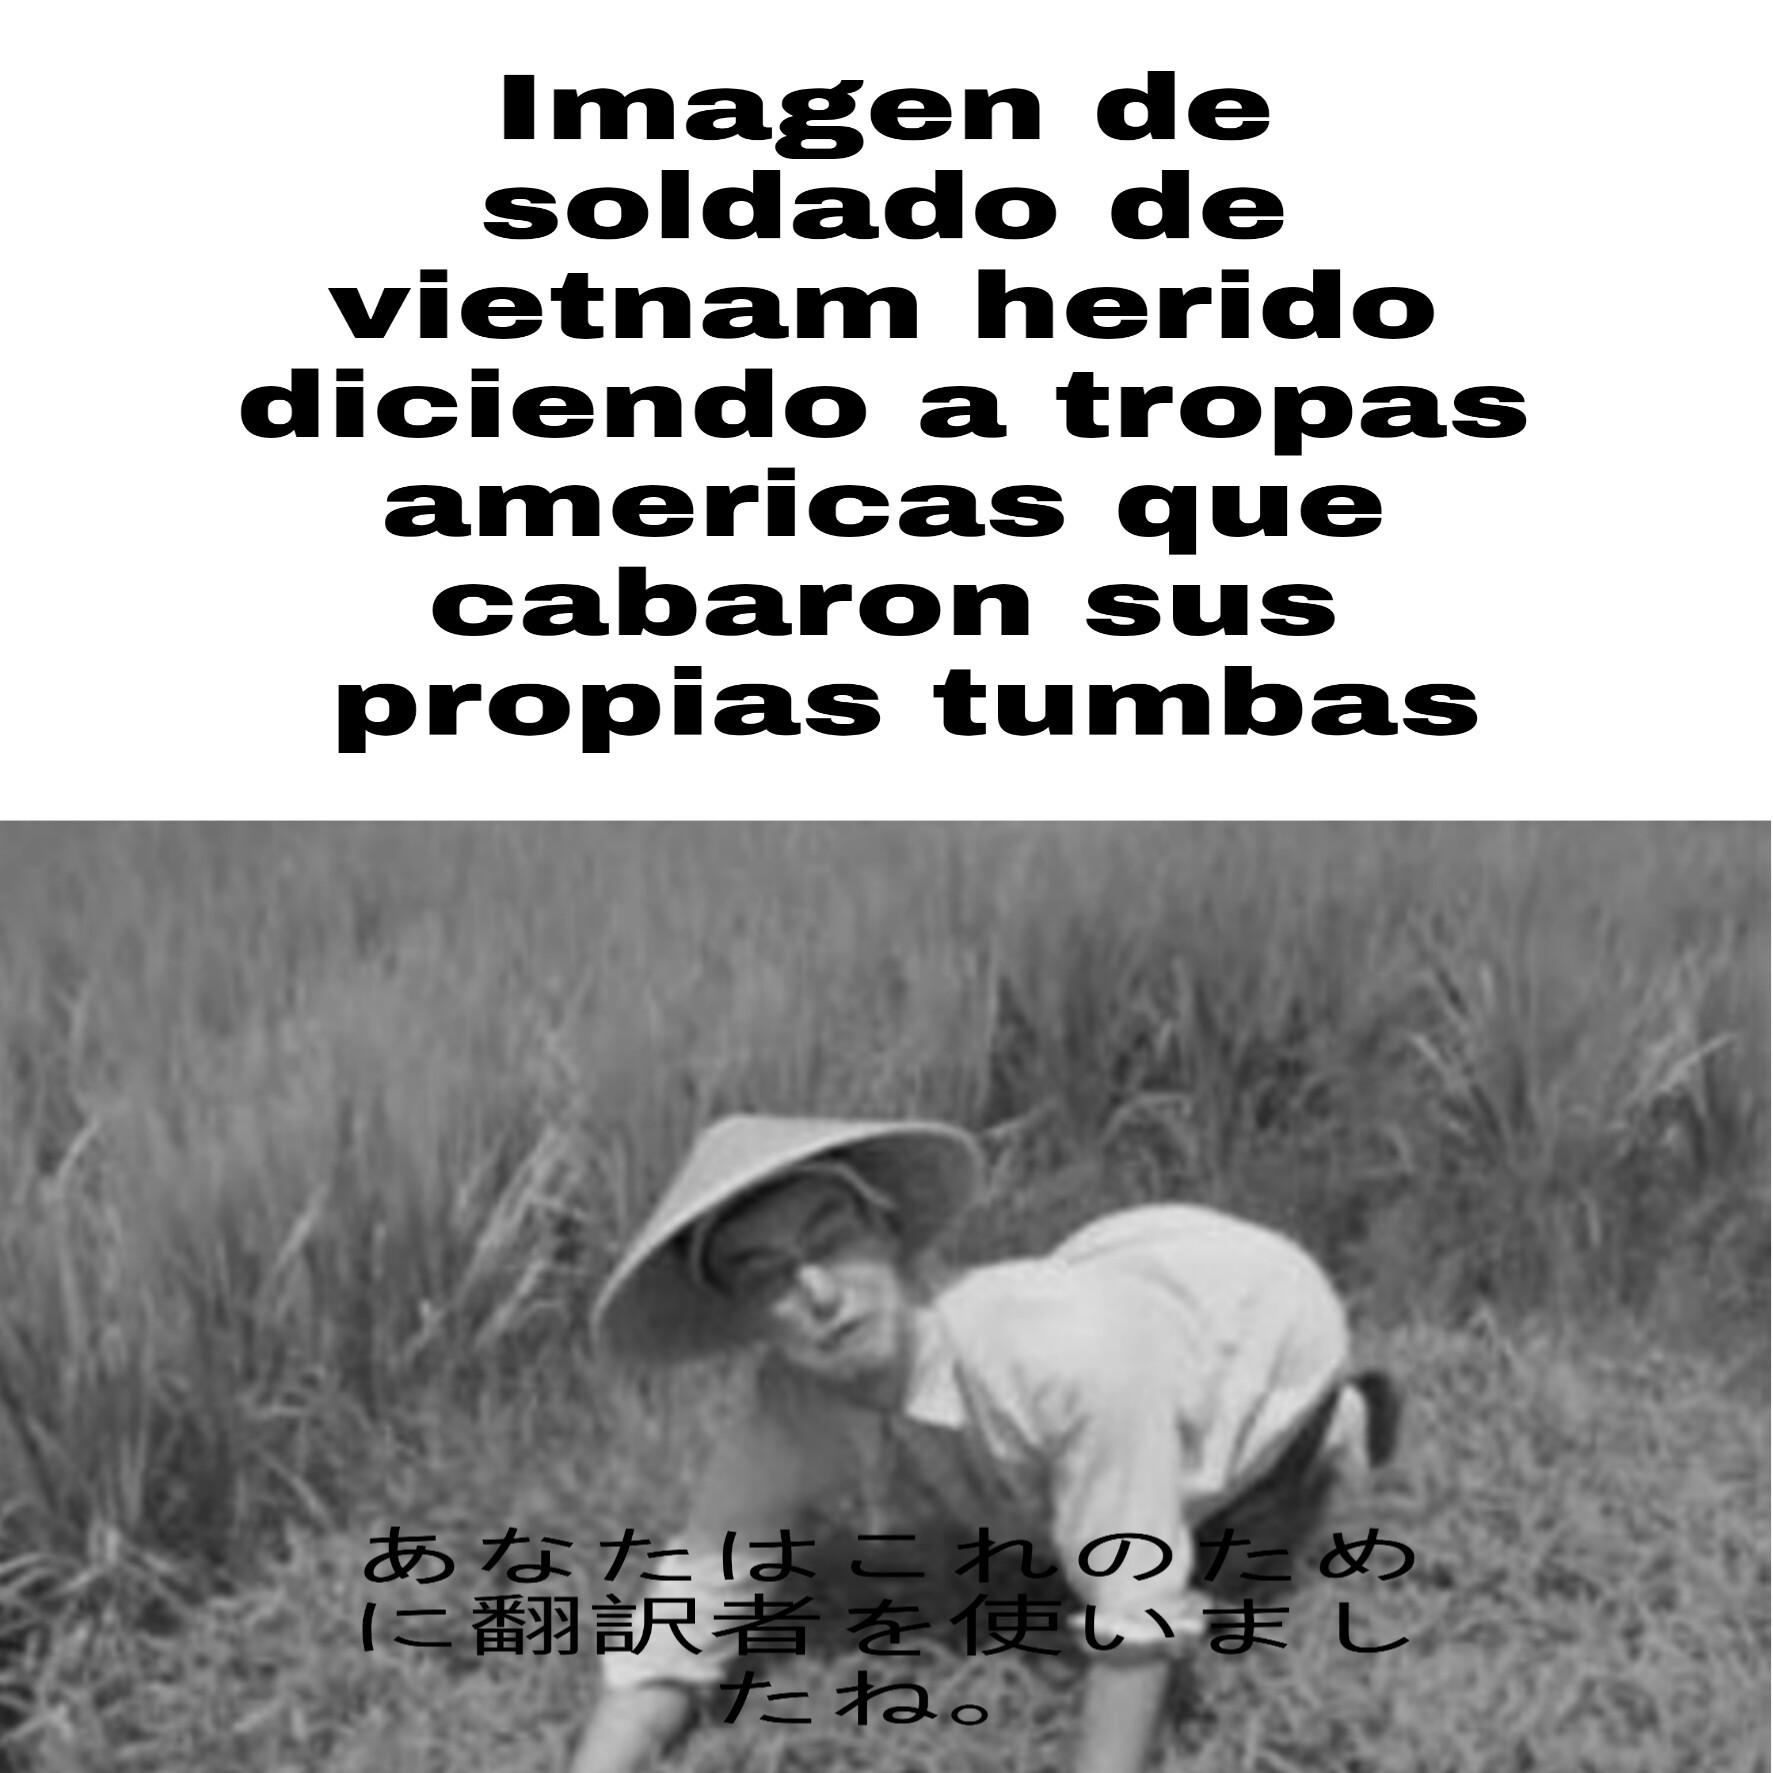 Nuevo meme (De la historia)